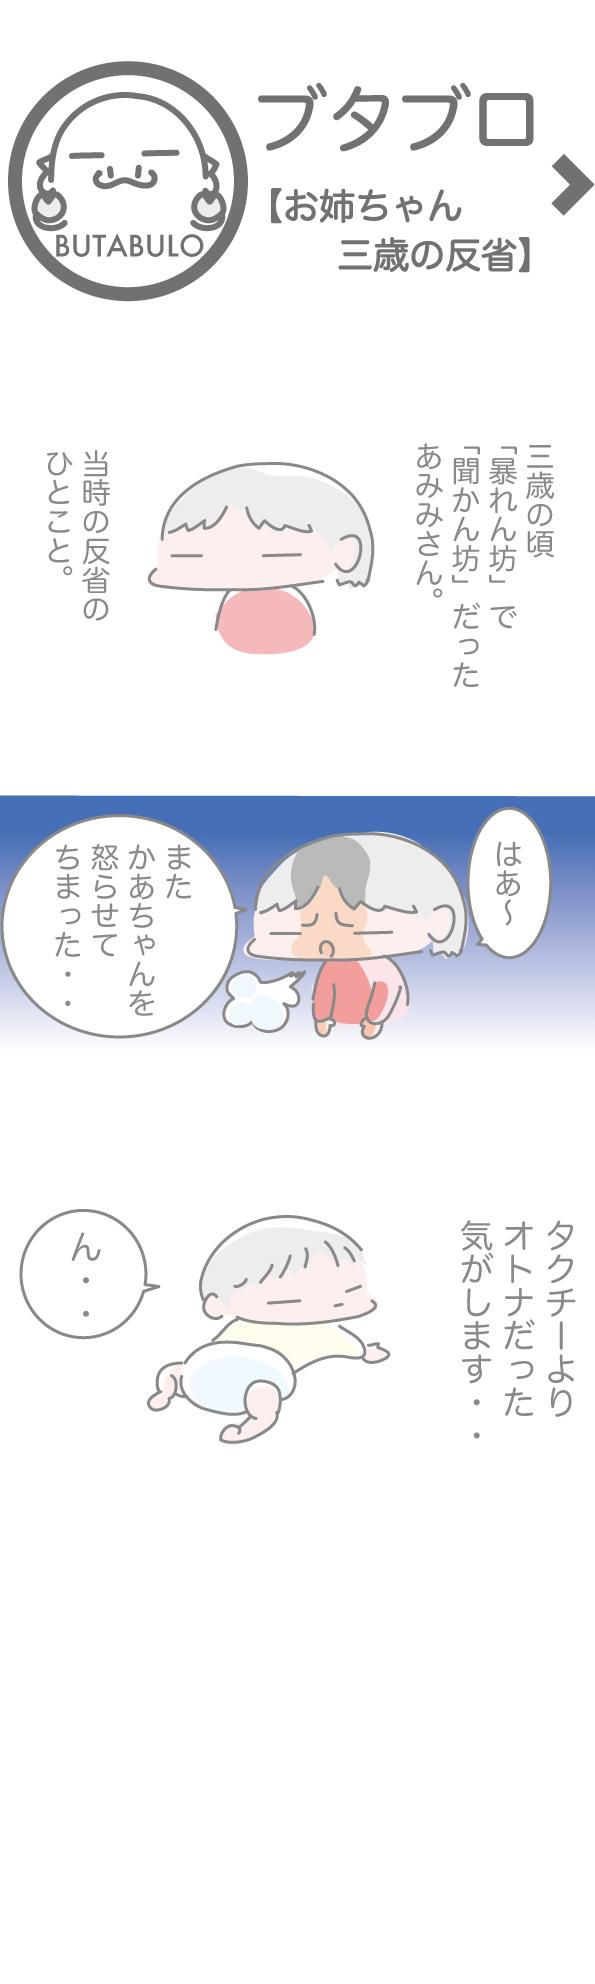 ネタ20ブログ